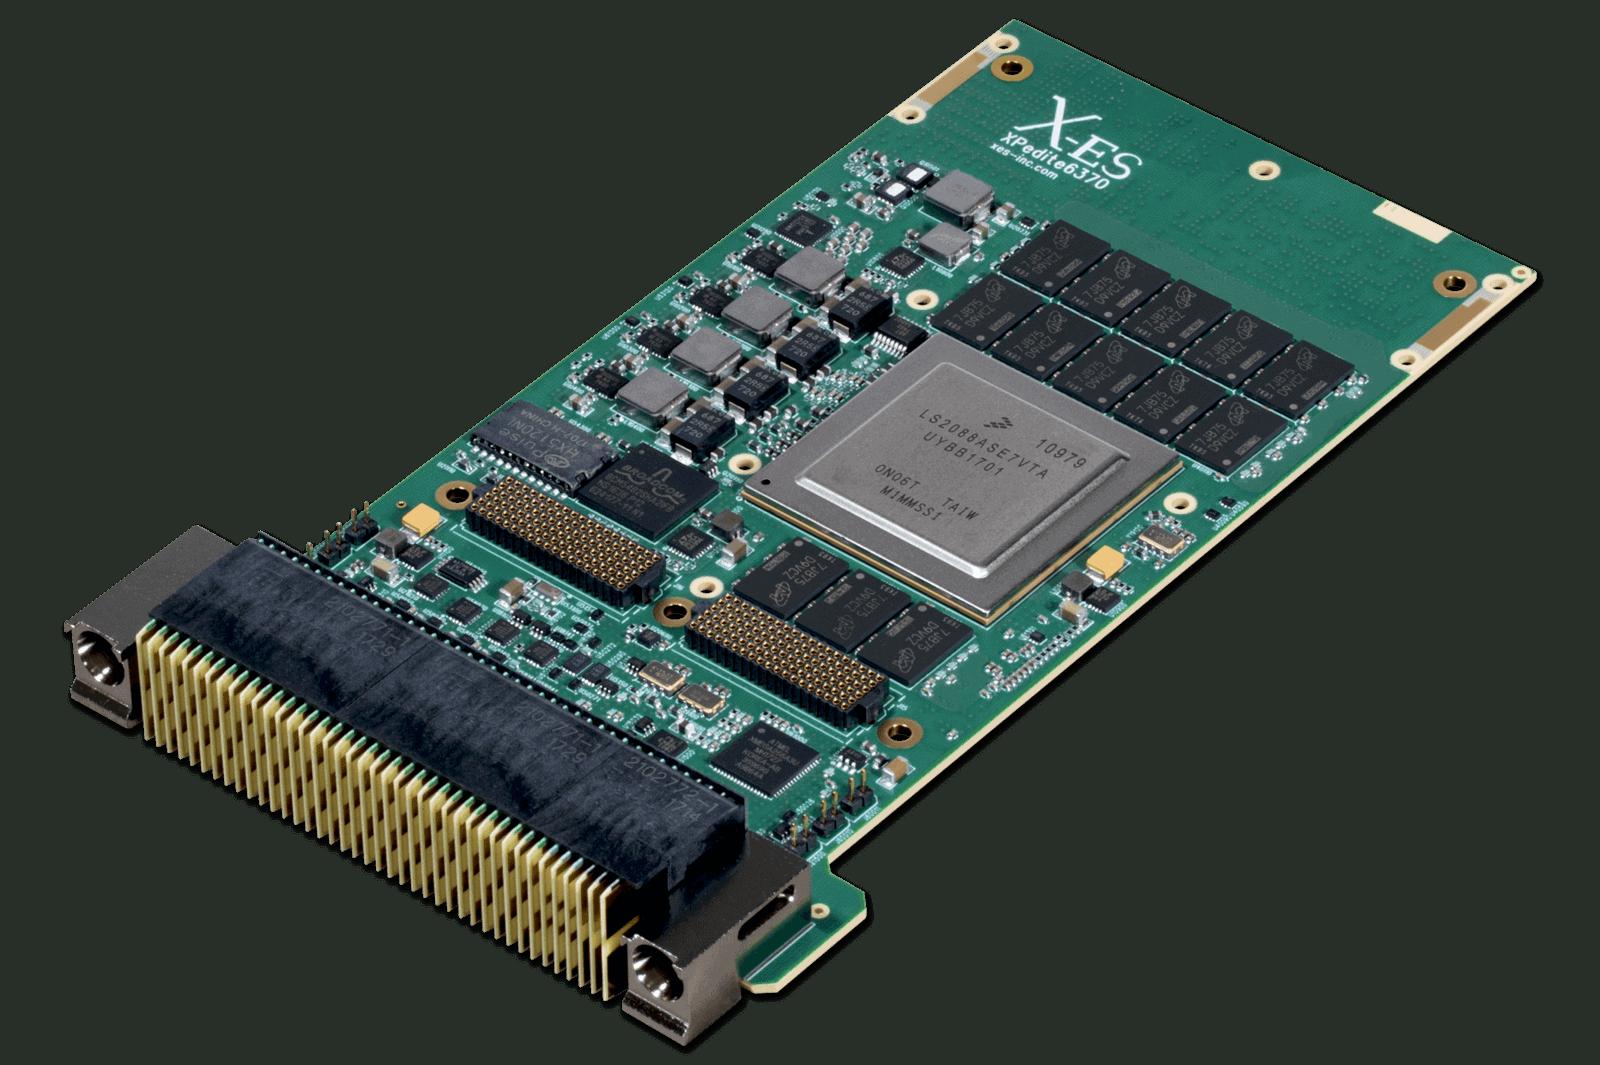 XPedite6370 3U VPX-REDI Single Board Computer (SBC)